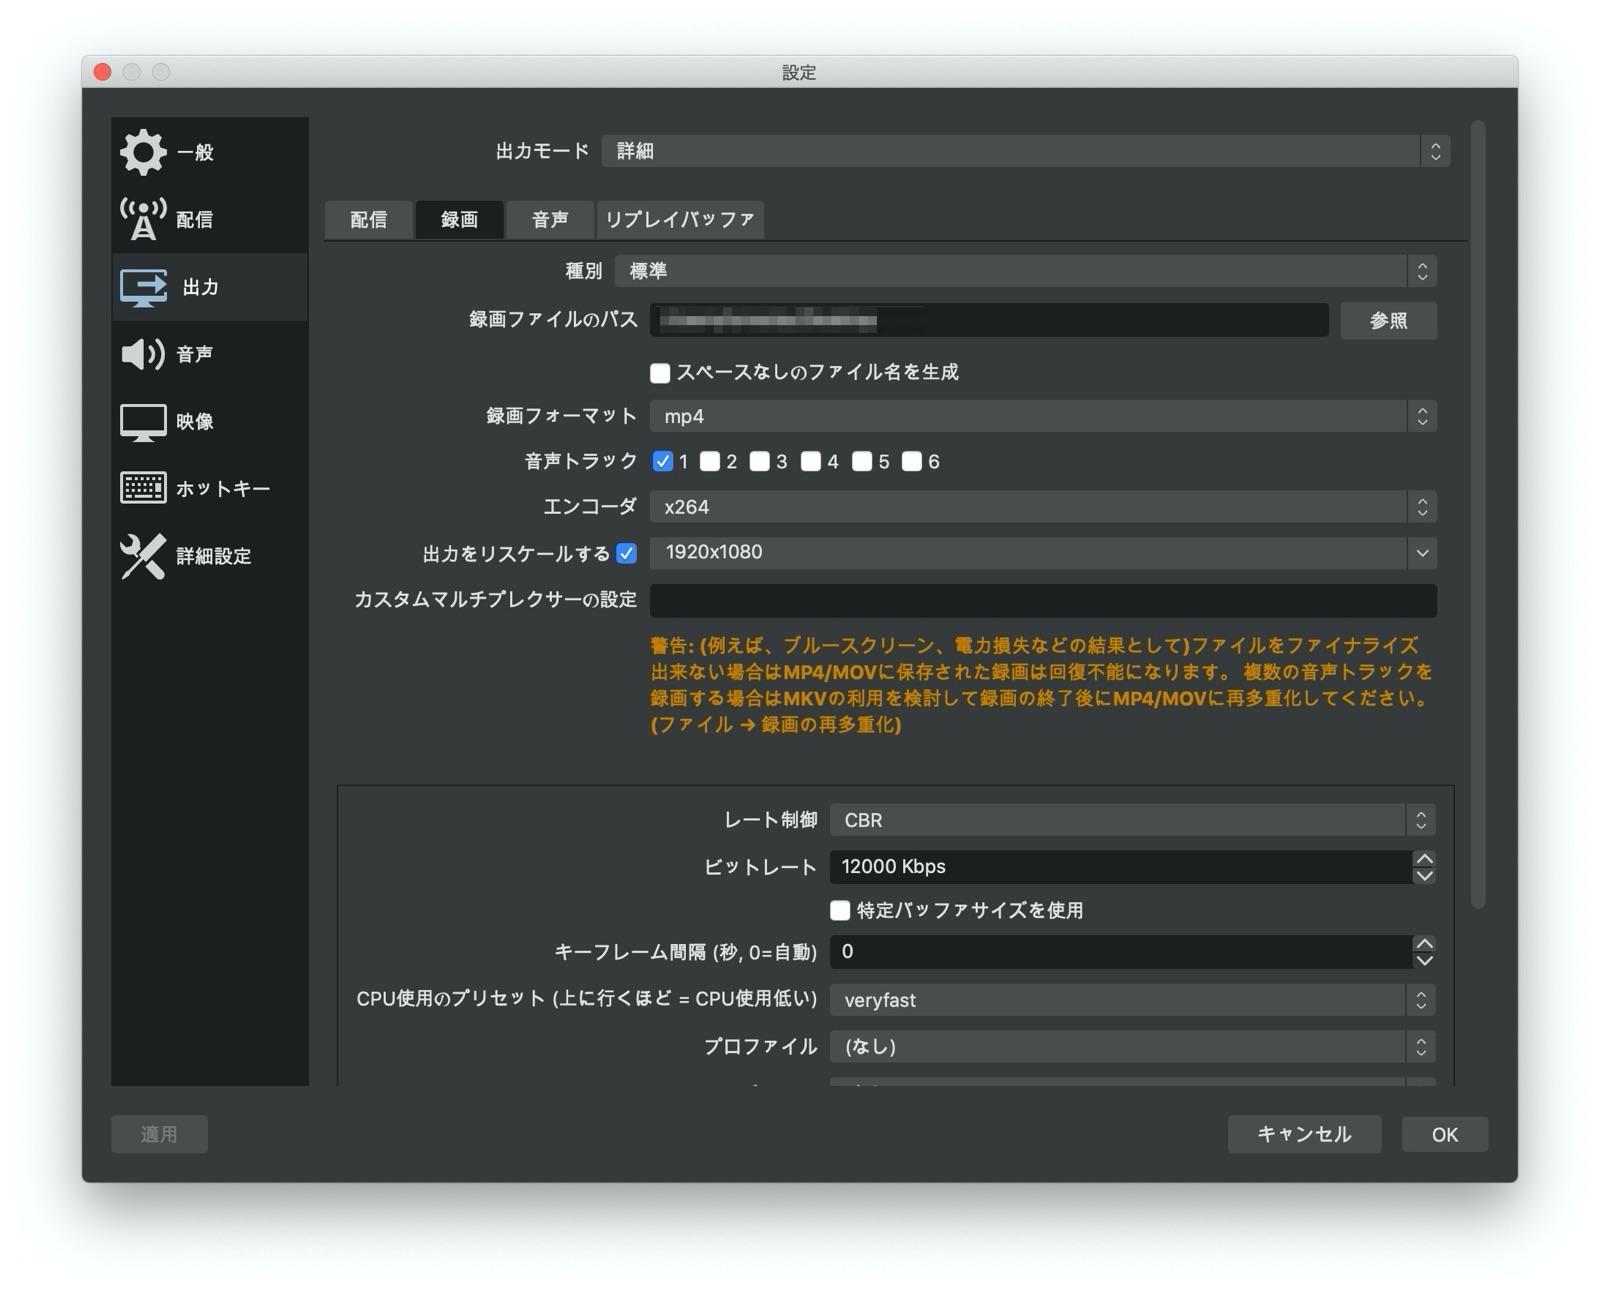 OBS Mac 録画設定